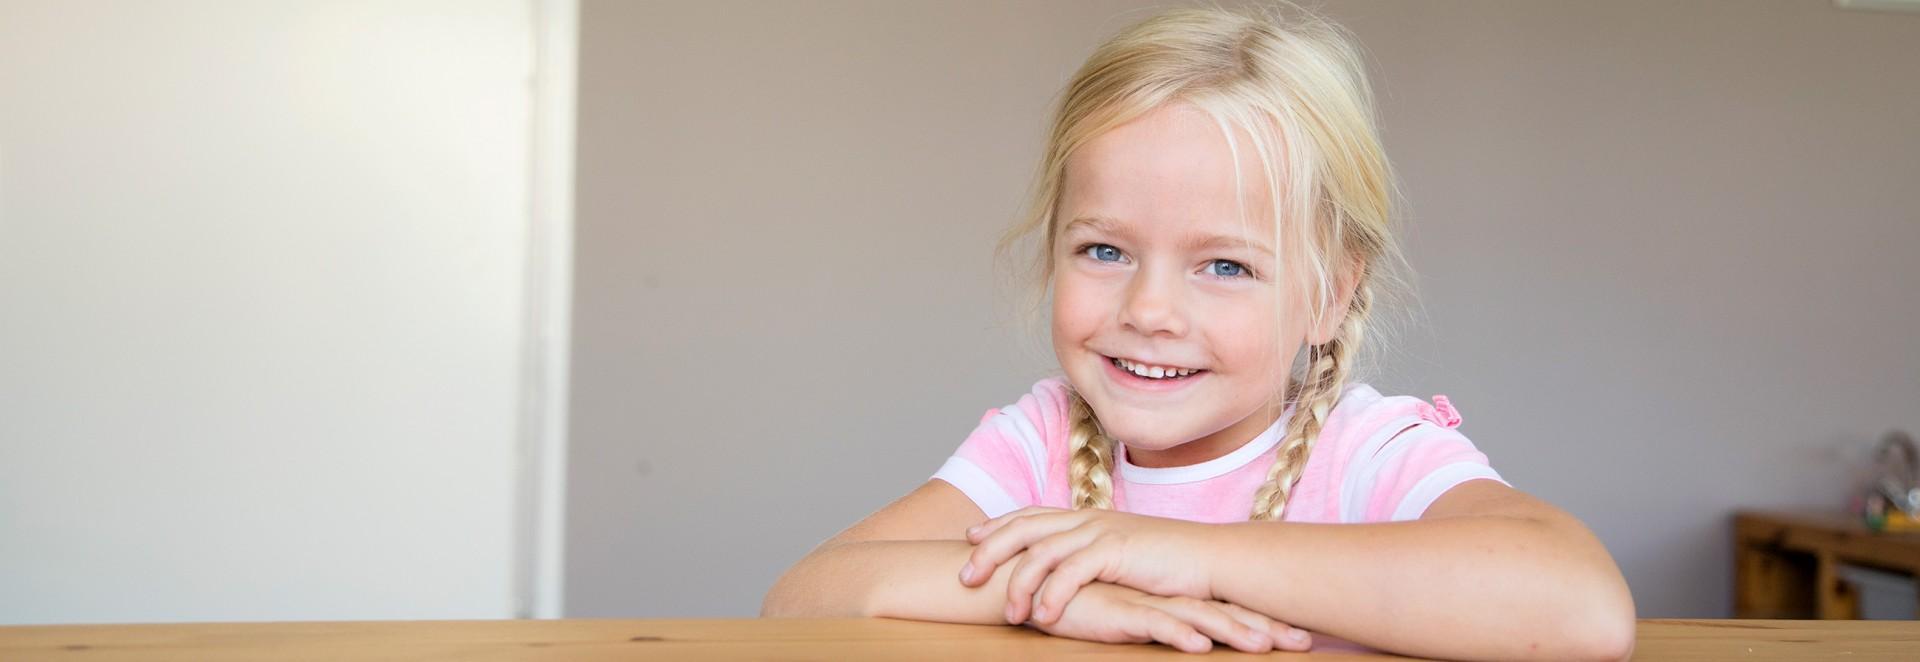 Kinderopvang bij Kindercentrum Beiler Sprookjesboom